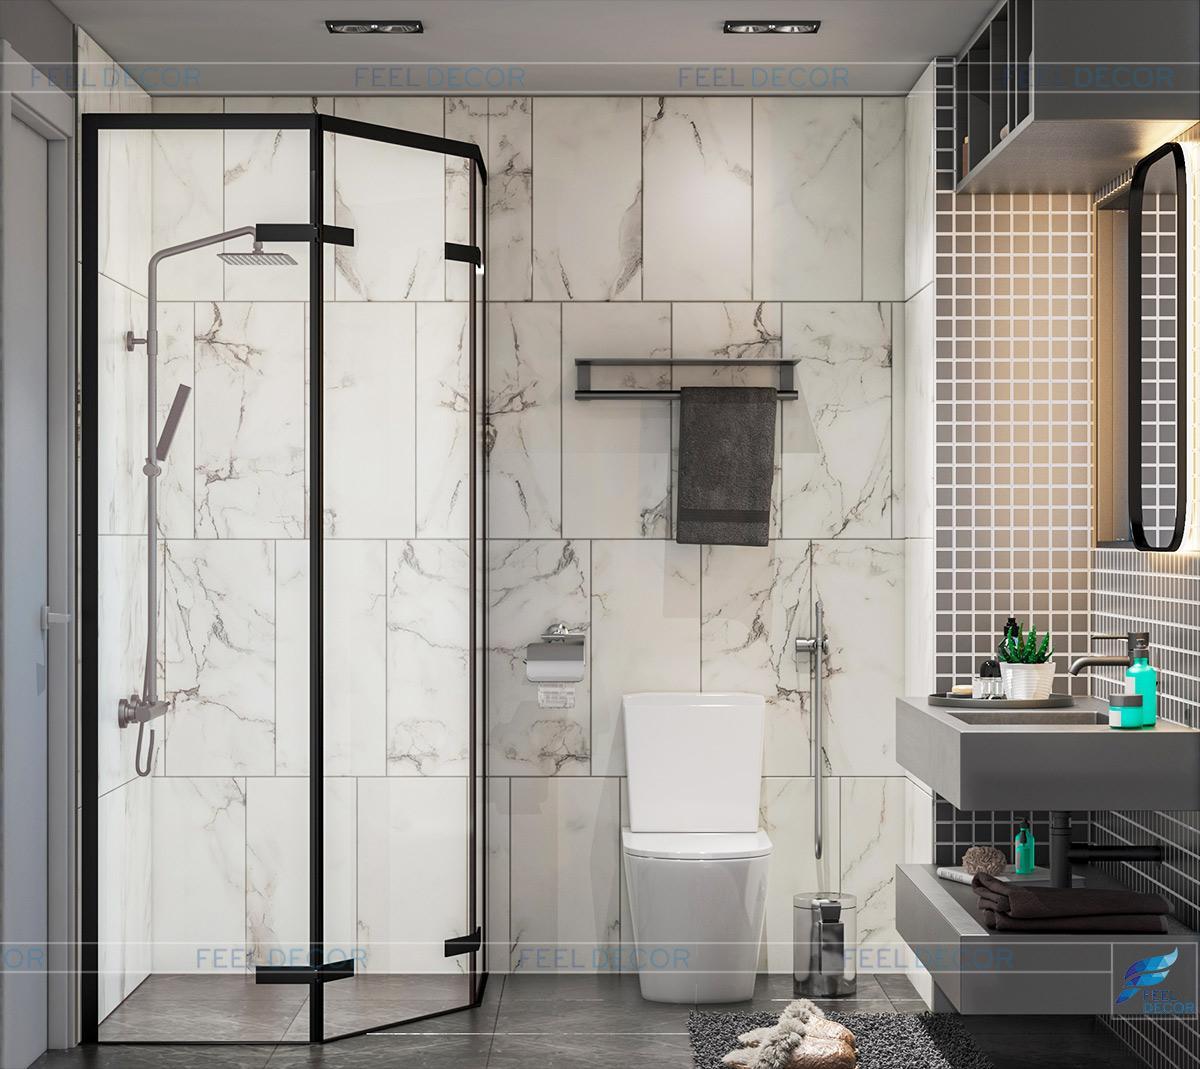 Thiết kế nội thất phòng vệ sinh căn hộ mẫu chung cư Sài Gòn South Residence